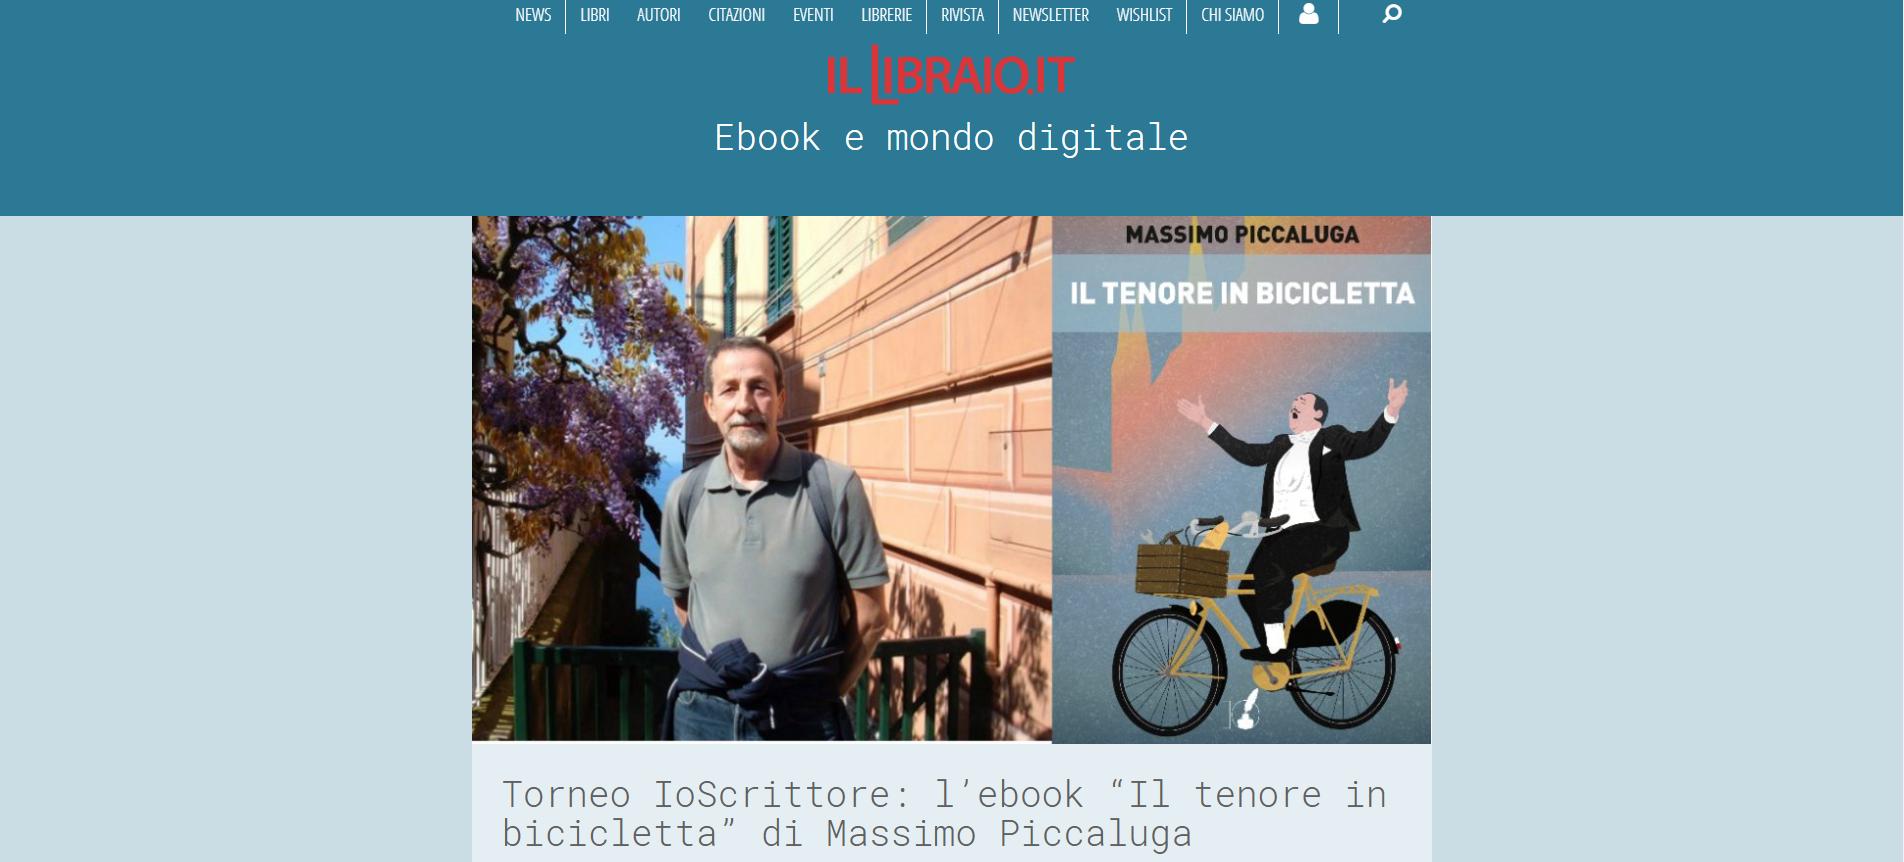 20 settembre 2018_Il tenore in bicicletta_Illibraio.it